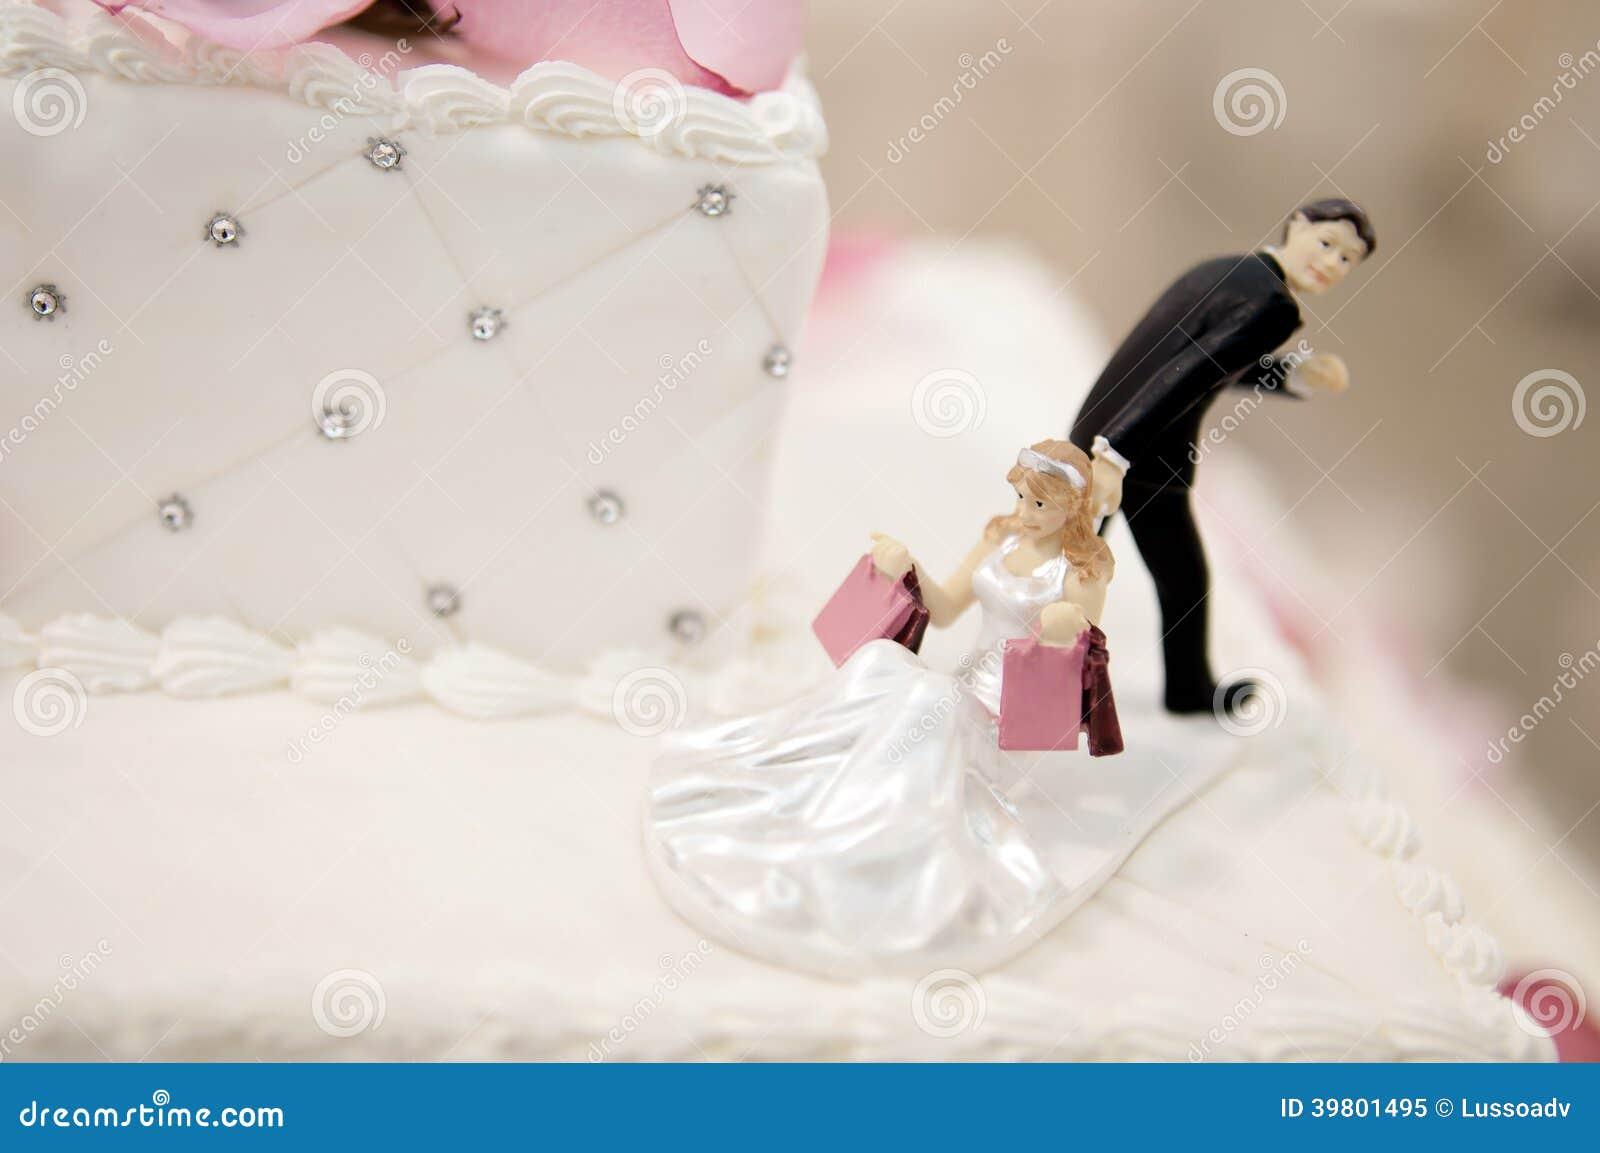 Chapéus de coco do bolo dos noivos em um bolo de casamento